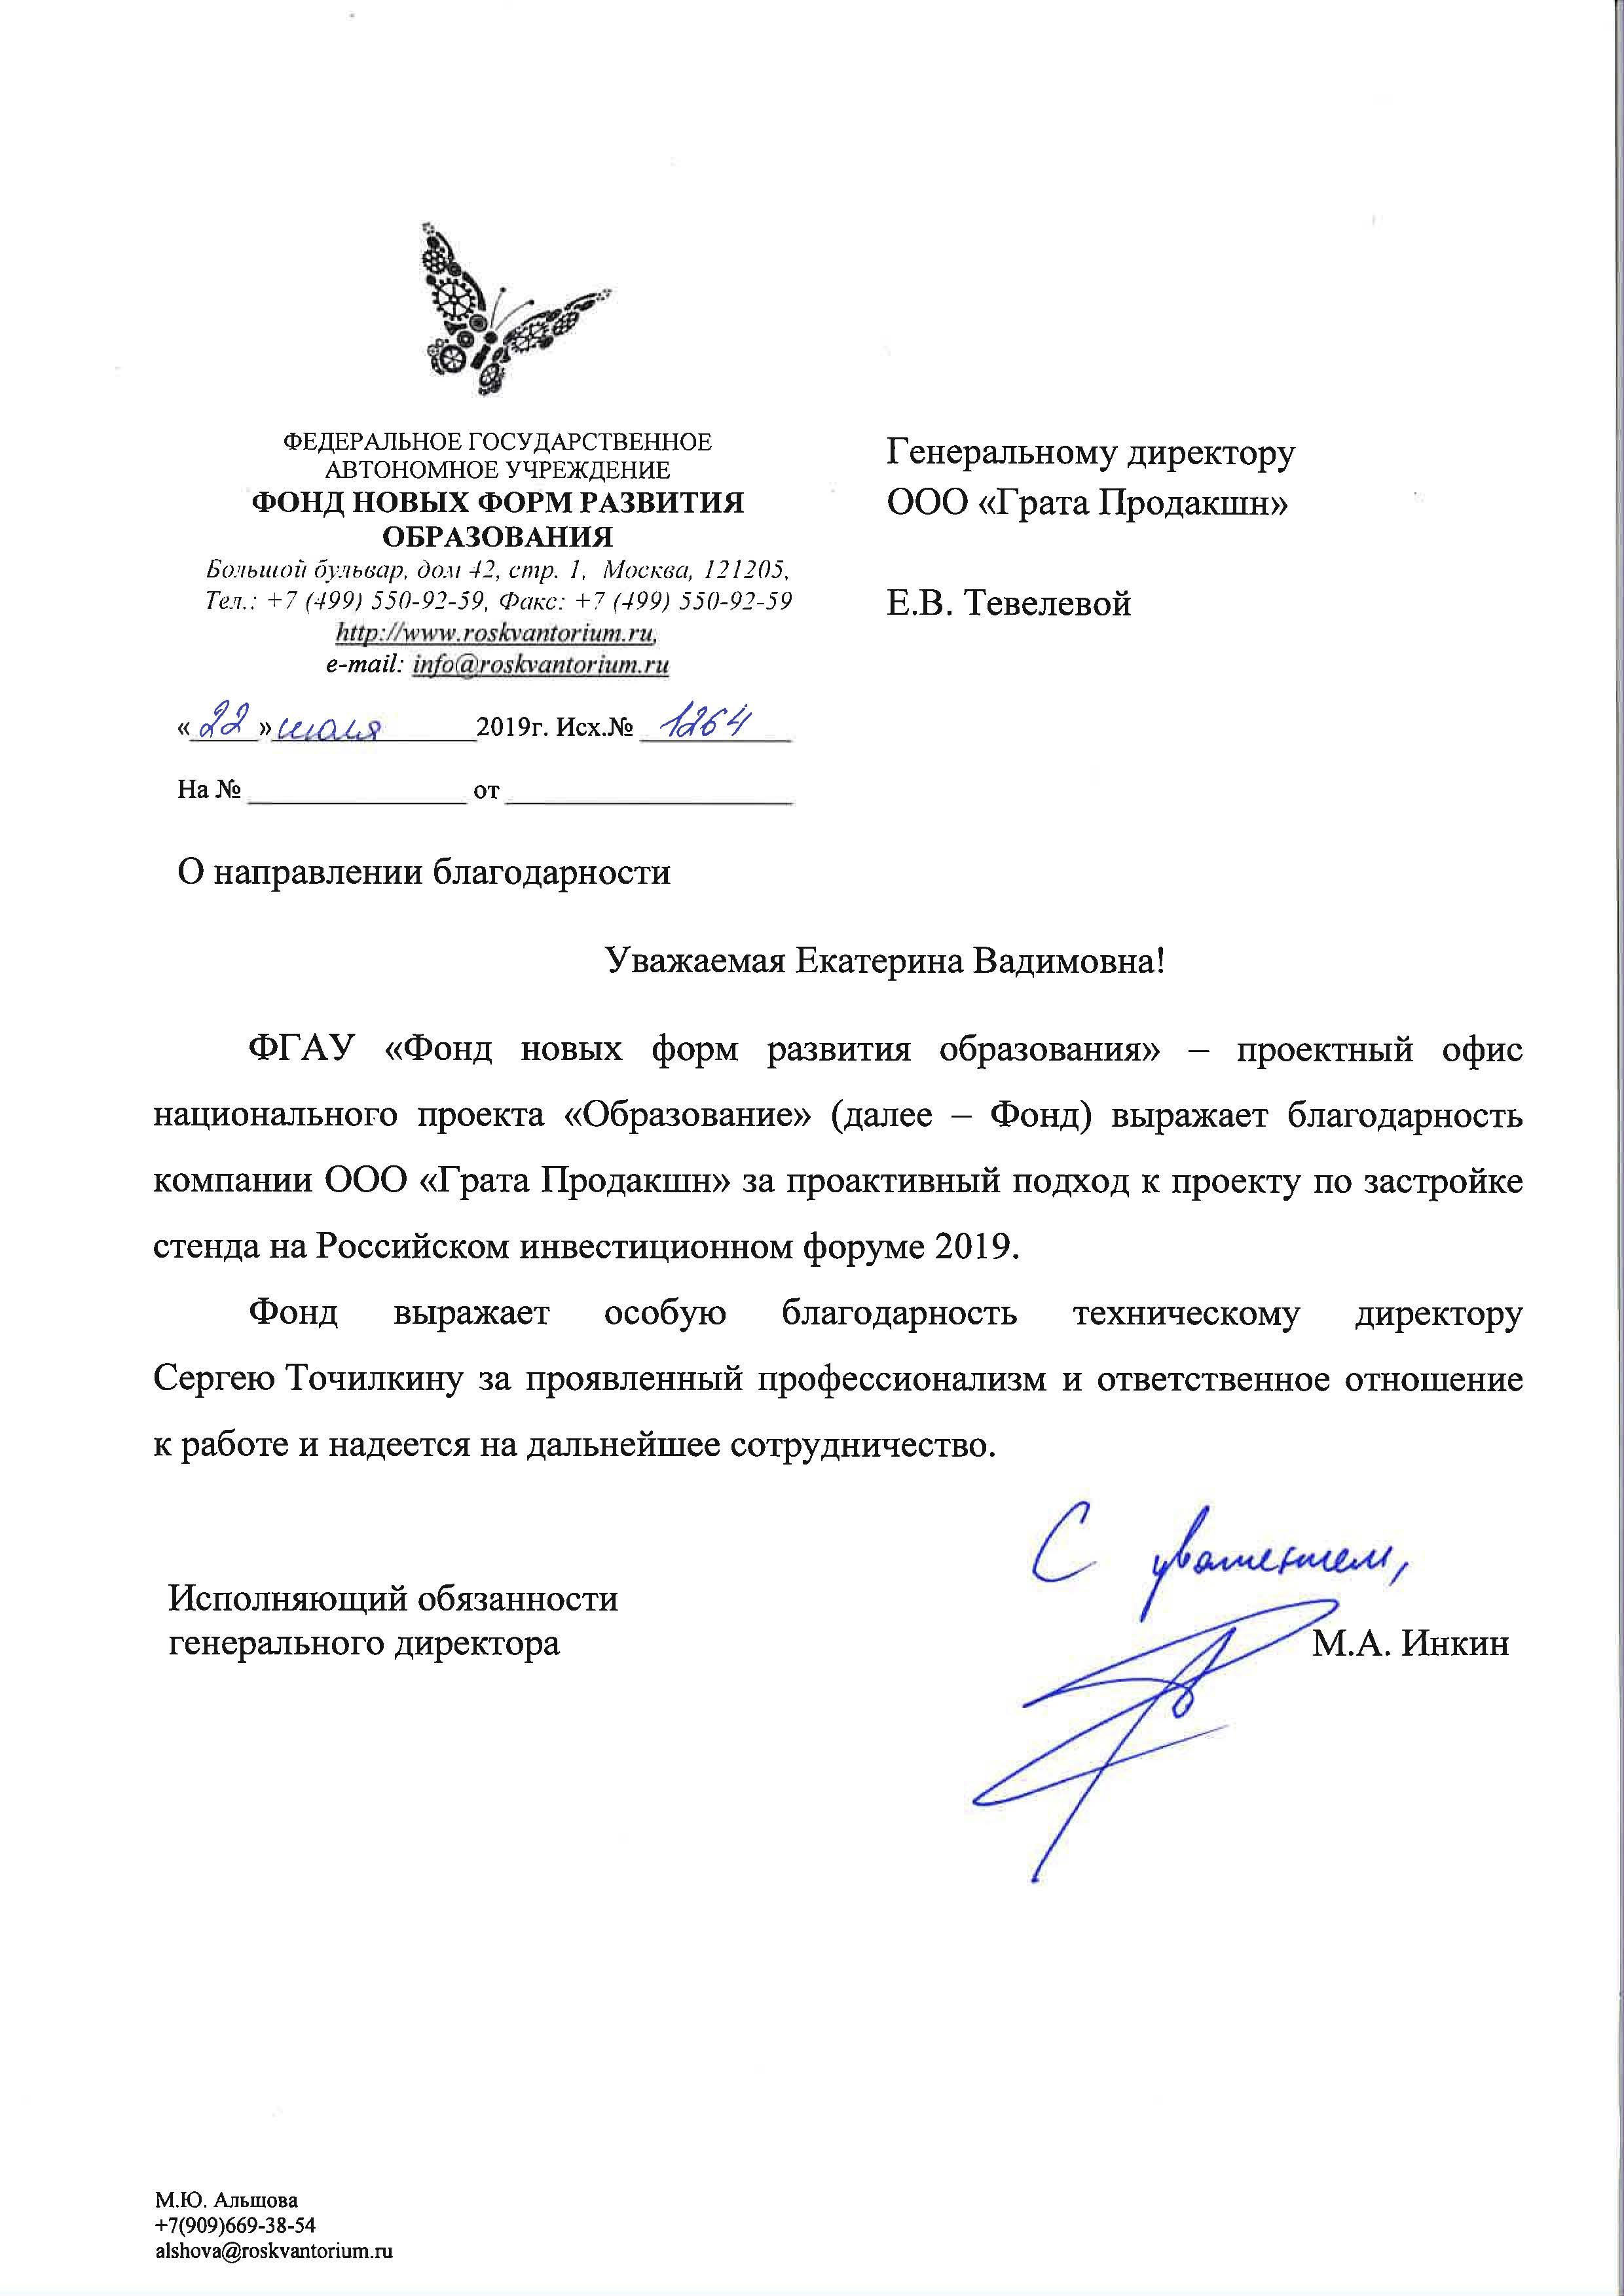 ФГАУ Фонд Новых Форм Образования